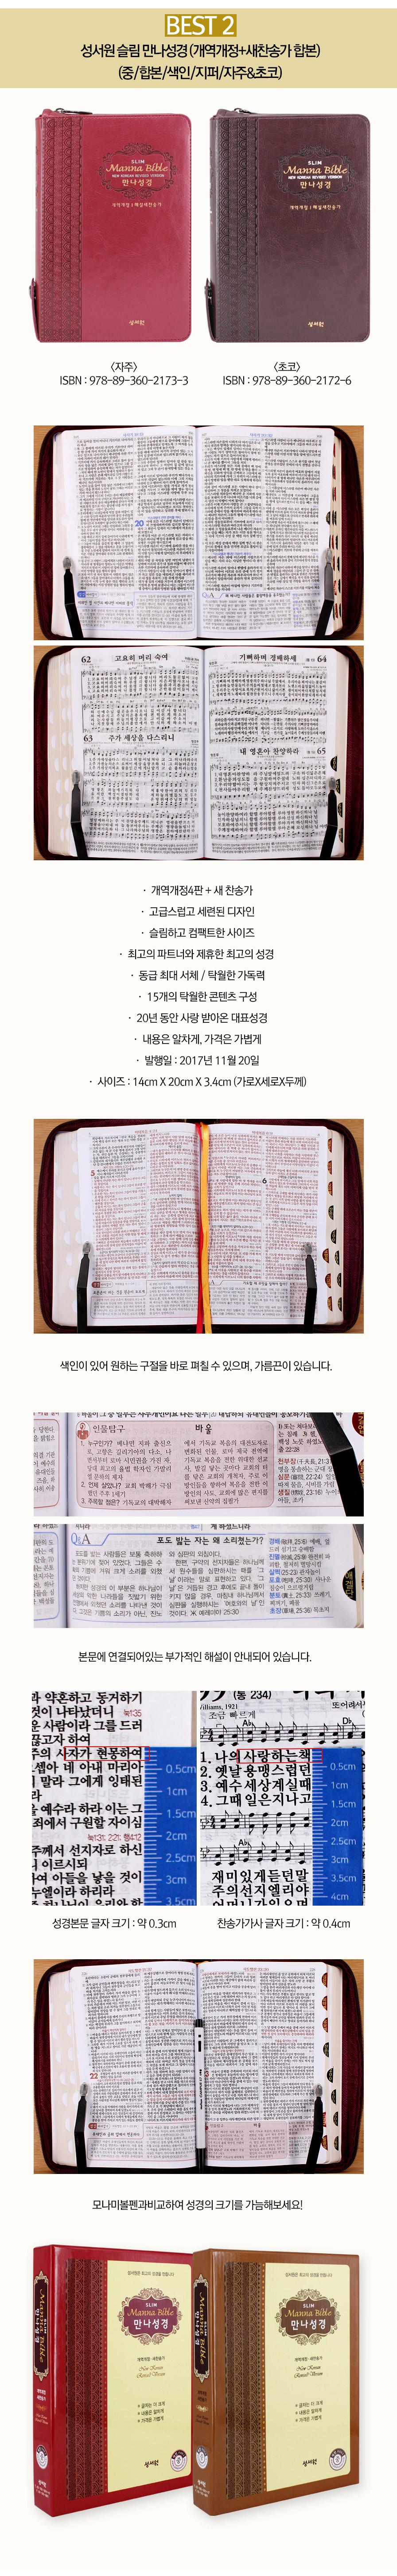 베스트성경